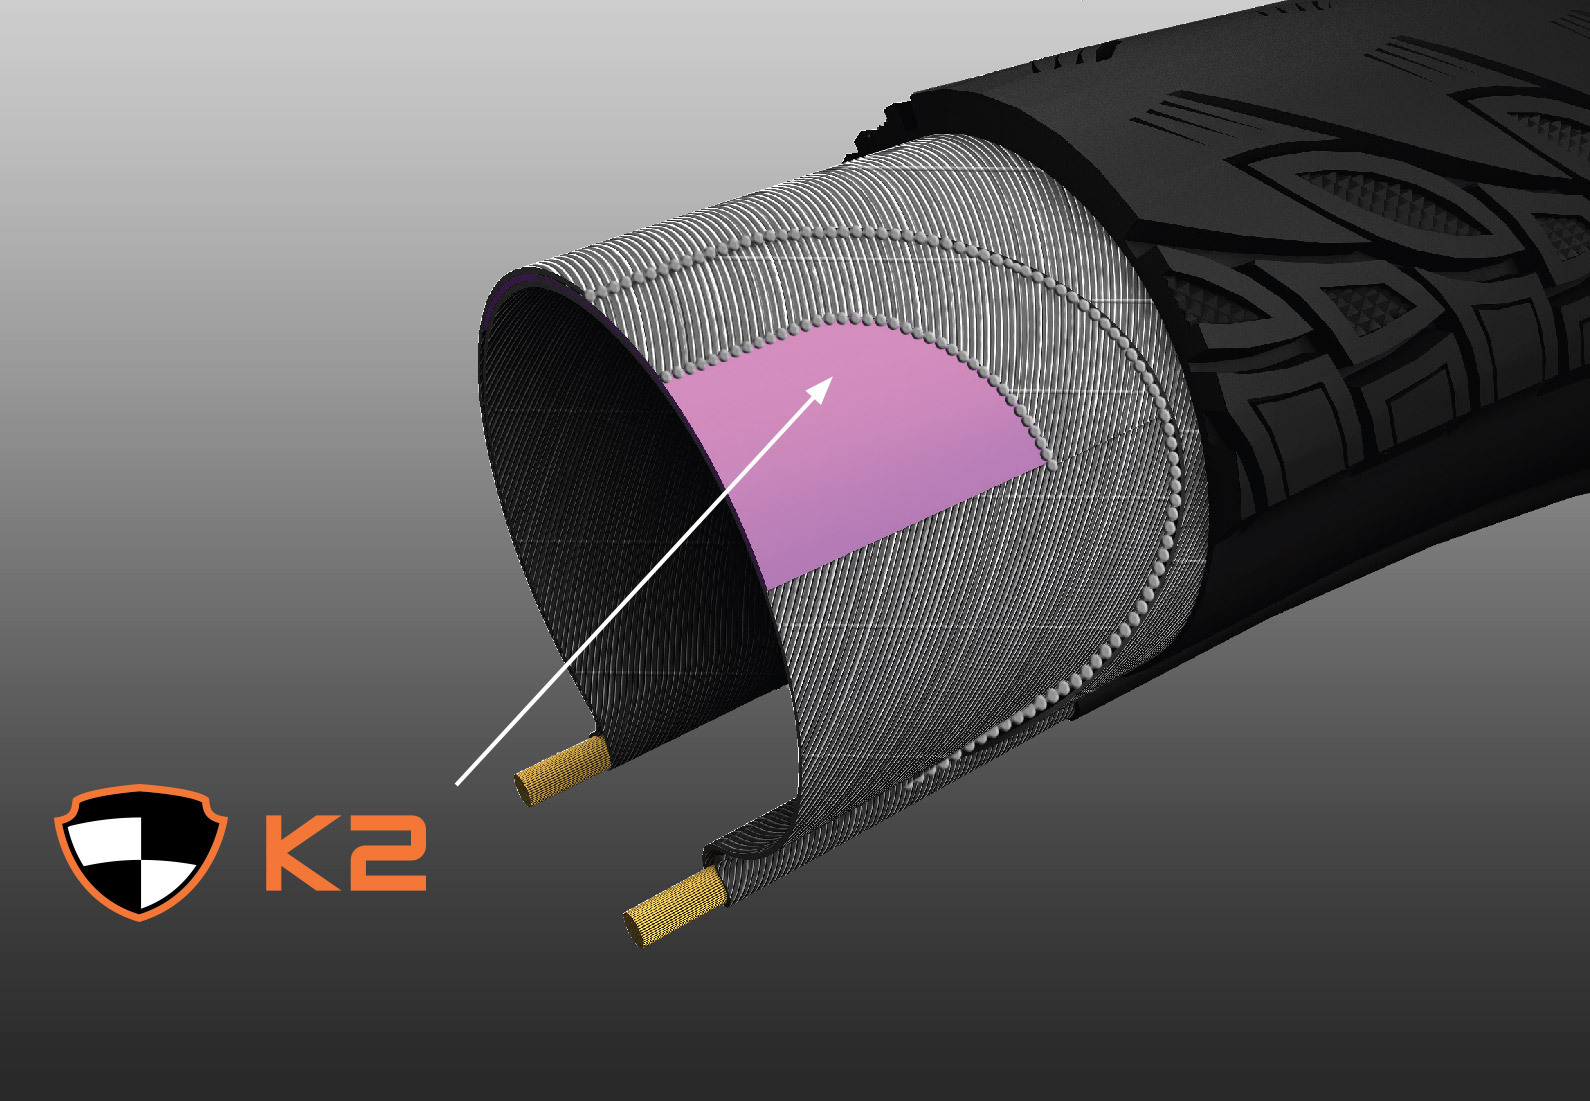 KEVLAR® COMPOSITE K2 - Tato exkluzivní ochrana proti defektu je k dispozici ve vybraných pneumatikách a poskytuje větší ochranu proti propíchnutí než standardní Kevlar® a Vectran®.Přidání tohoto lehkého a pružného materiálu zajišťuje, že kvalita jízdy a výkon zůstanou nepřekonatelné.